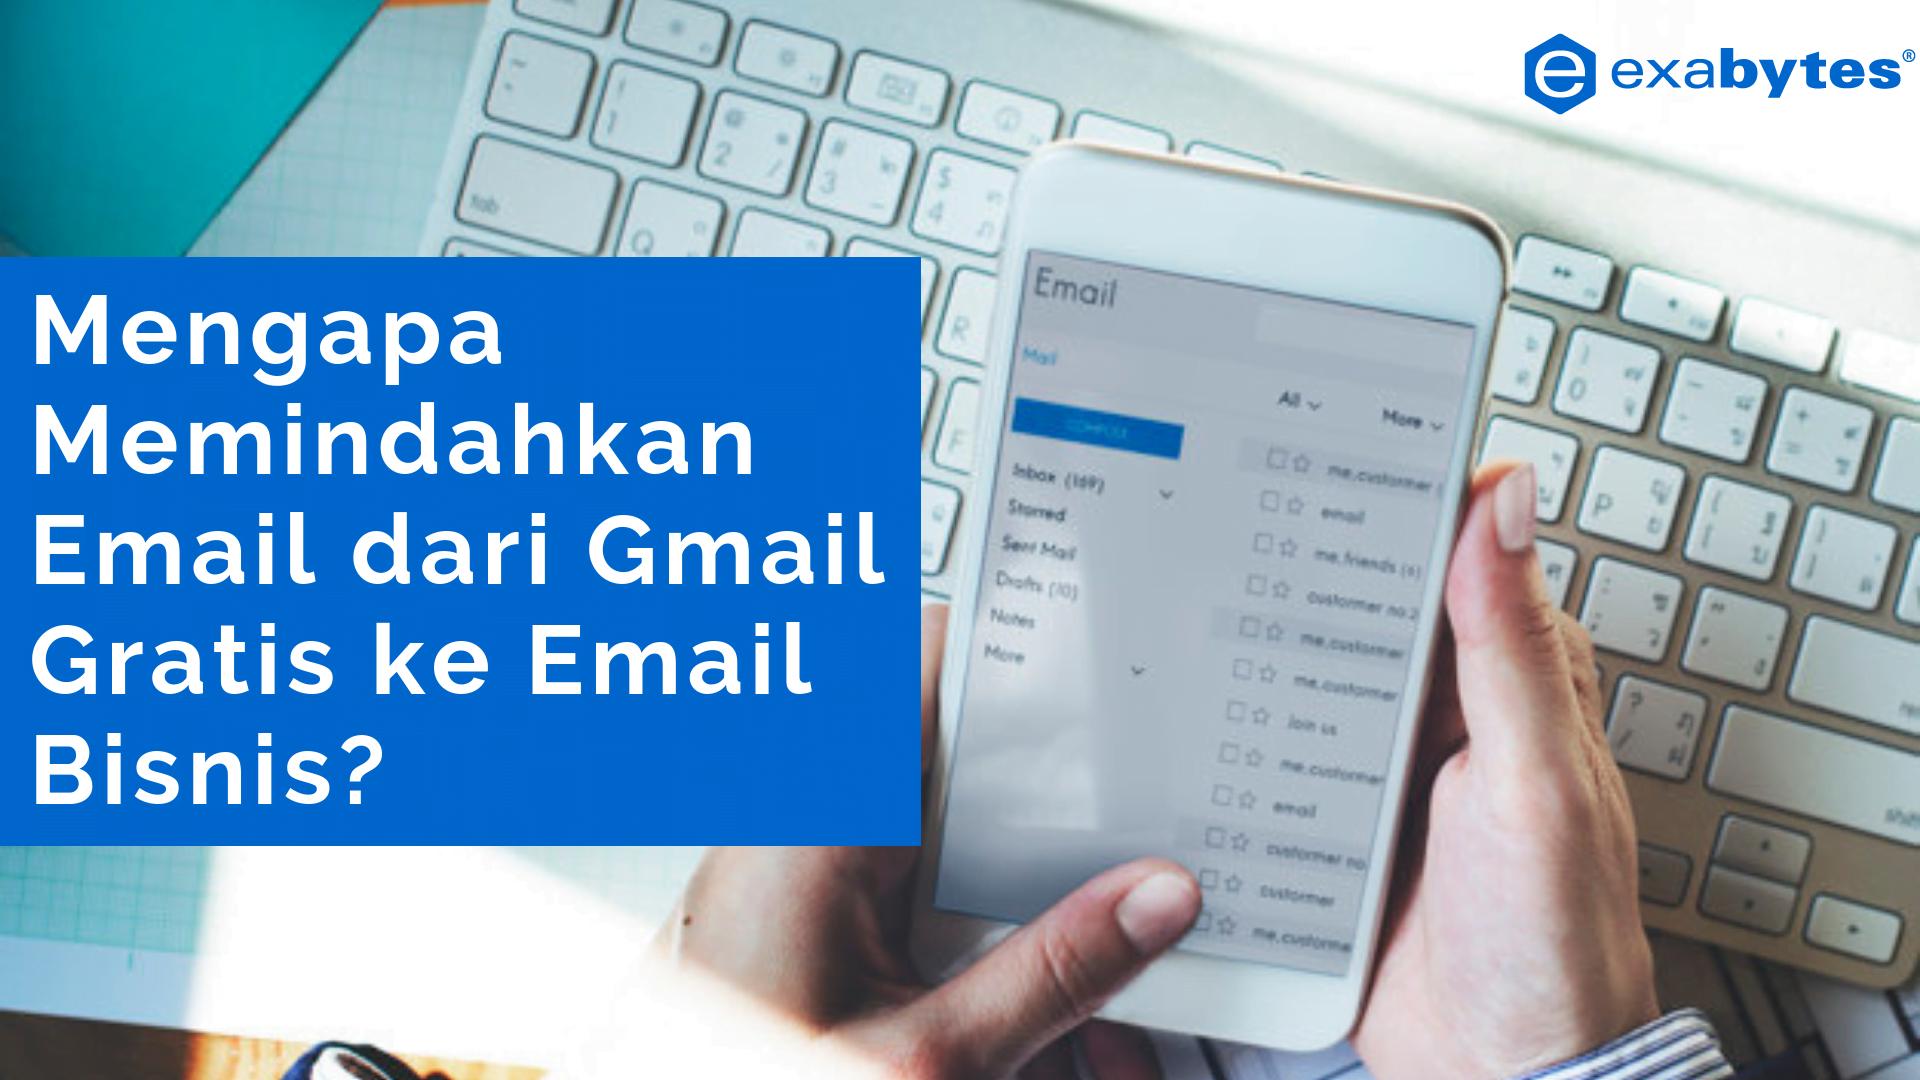 Alasan untuk Memindahkan Email Bisnis Dari Gmail Gratis ke Email Profesional